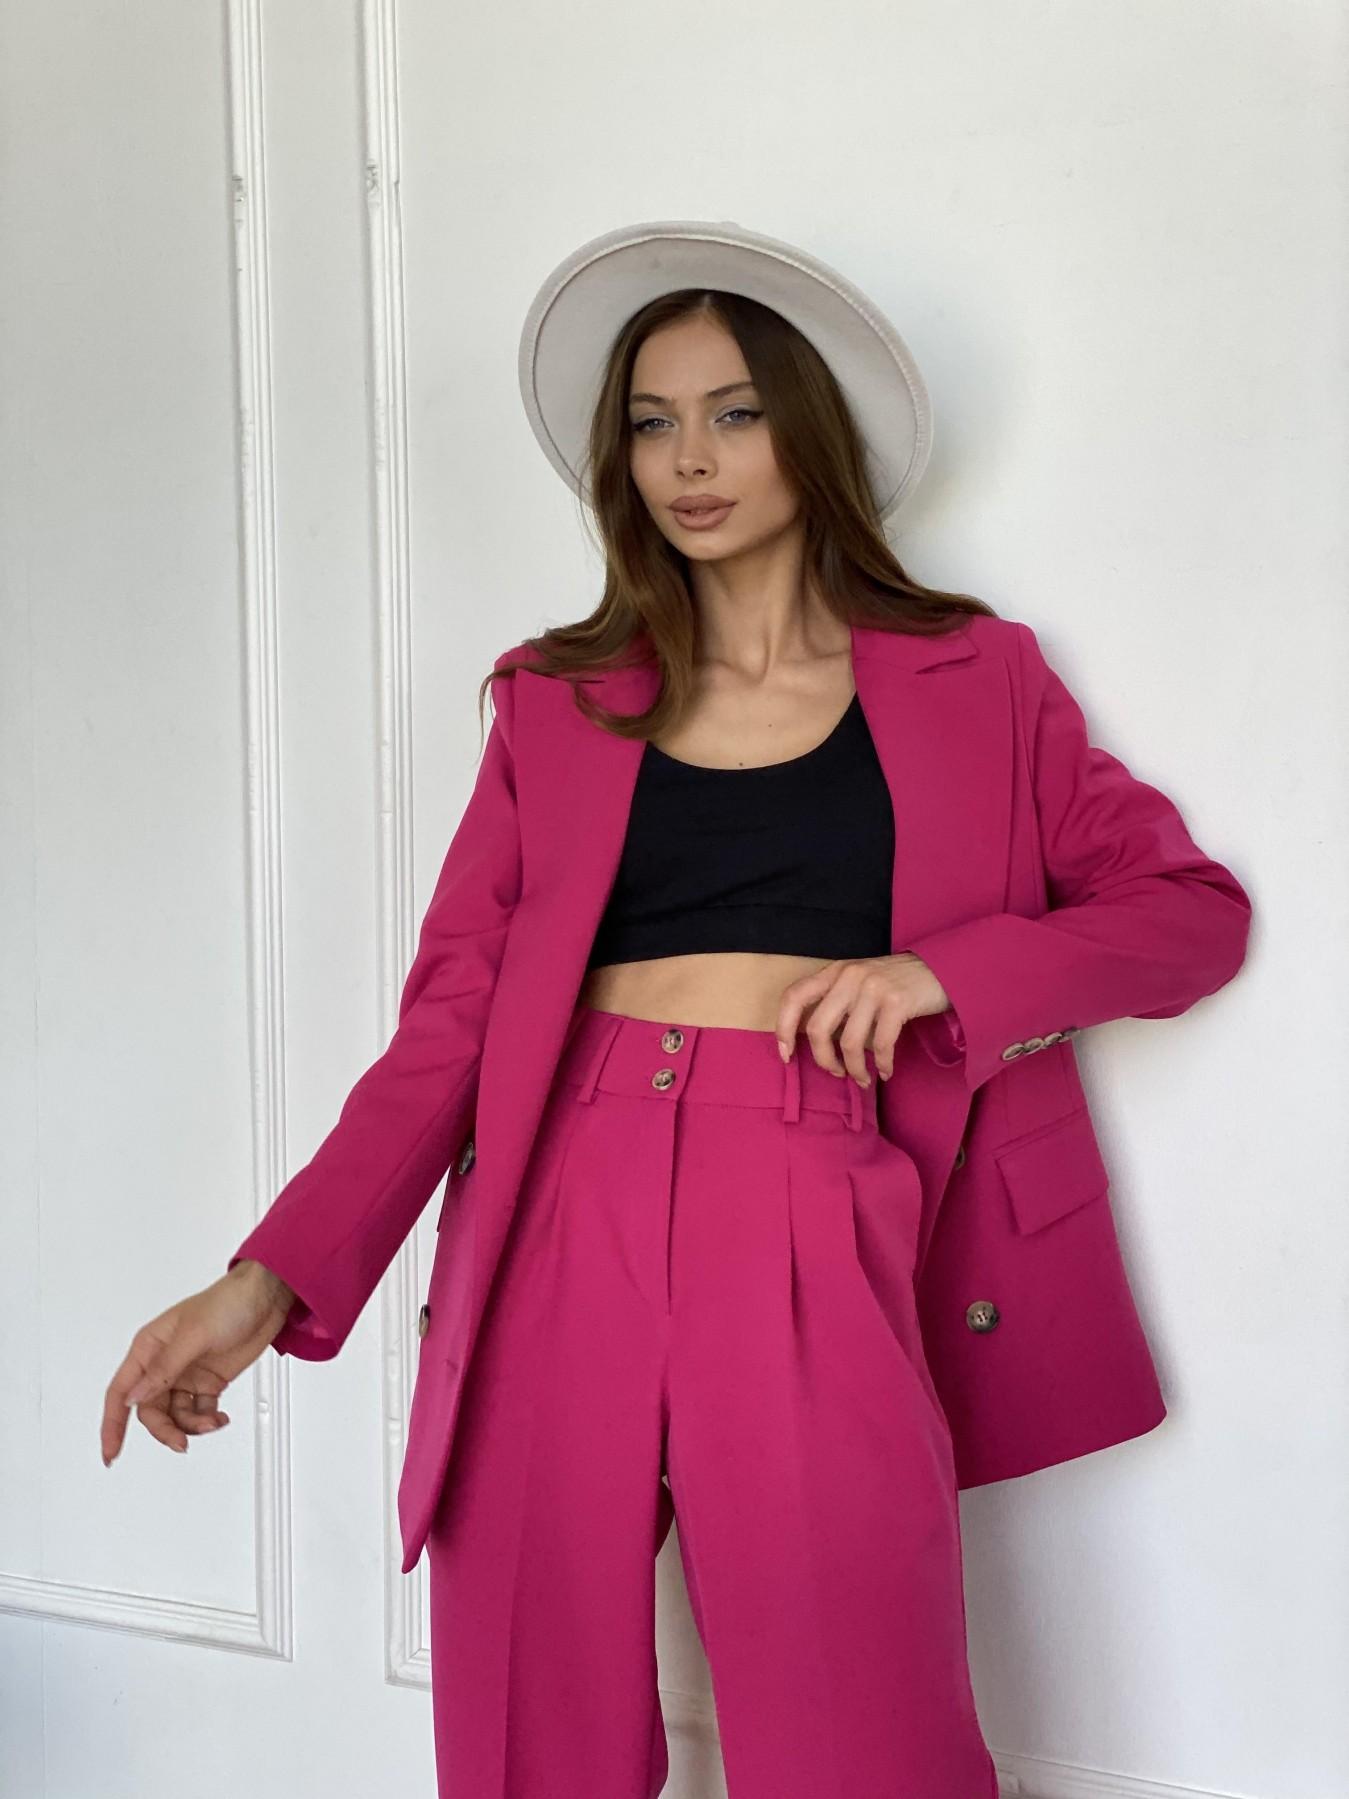 Белисимо  костюм стрейч из костюмной ткани 11217 АРТ. 47818 Цвет: Малиновый 2 - фото 3, интернет магазин tm-modus.ru